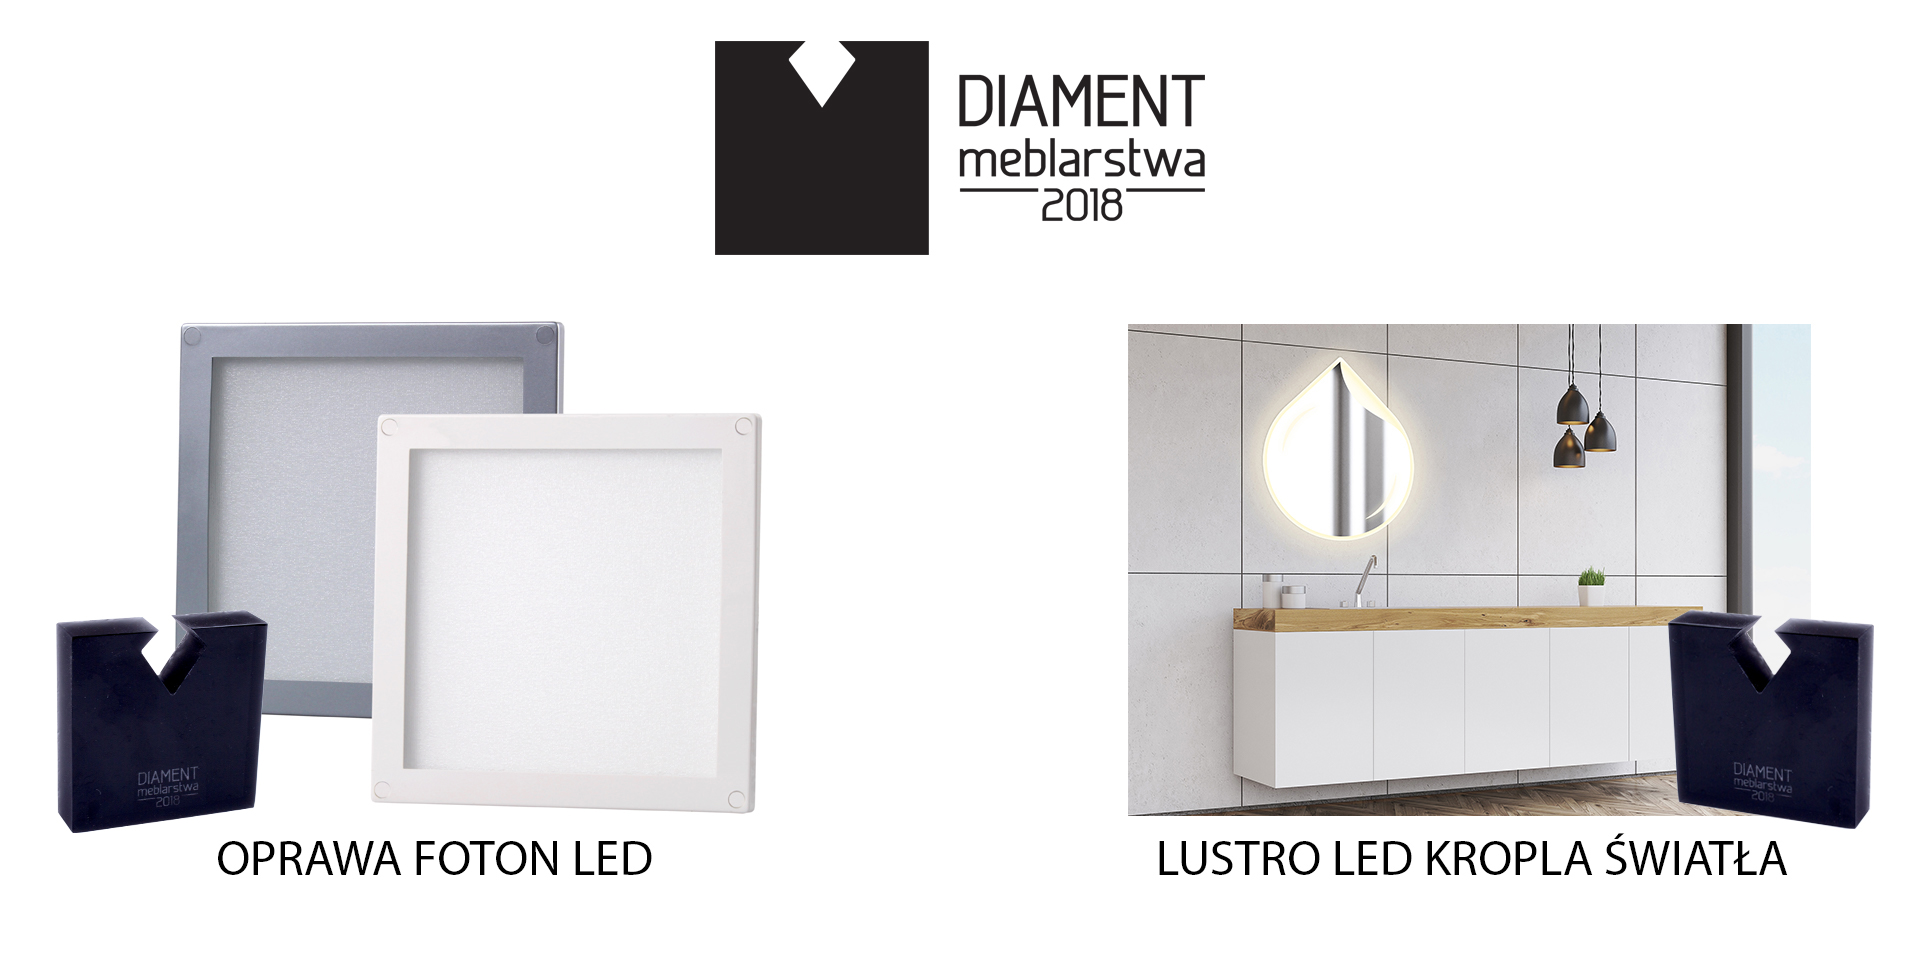 Diament meblarstwa - nagroda dla producent oświetlenia LED do mebli i wnętrz